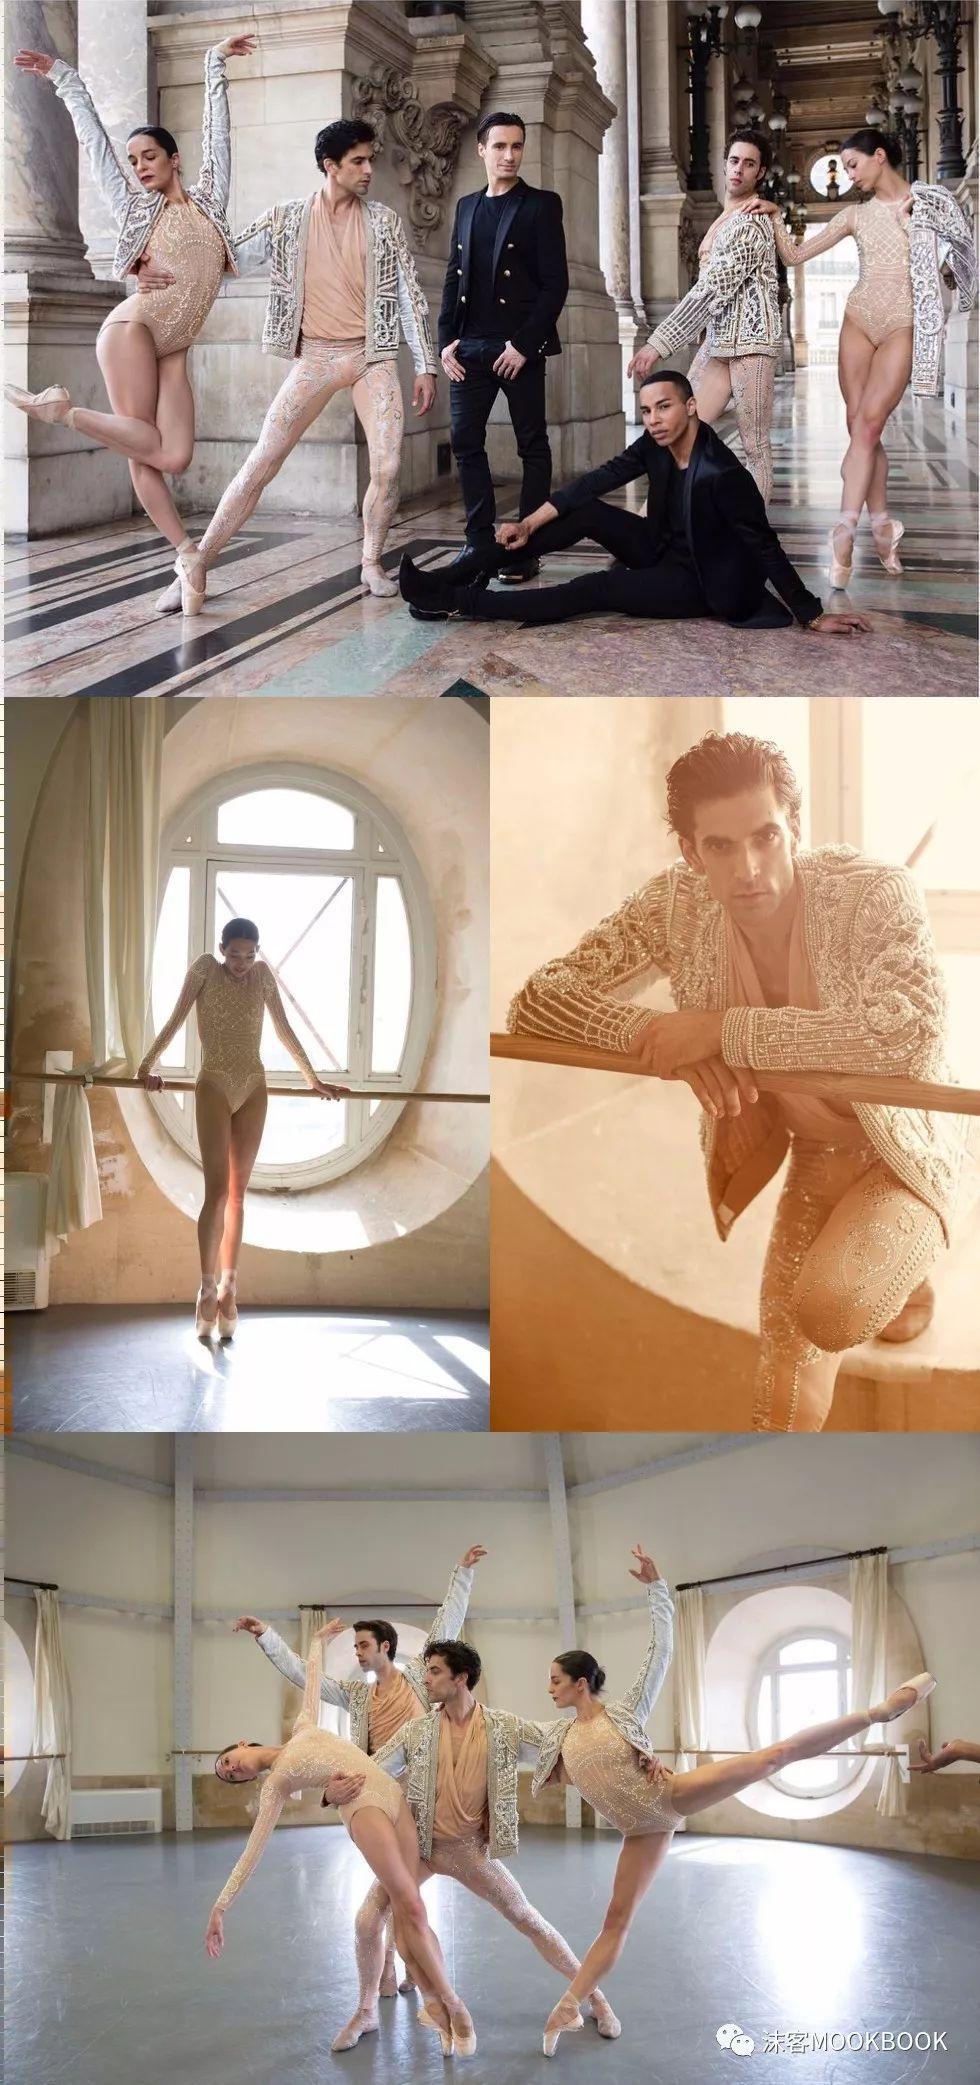 Designer of the Month|Olivier Rousteing够励志,孤儿又做过舞